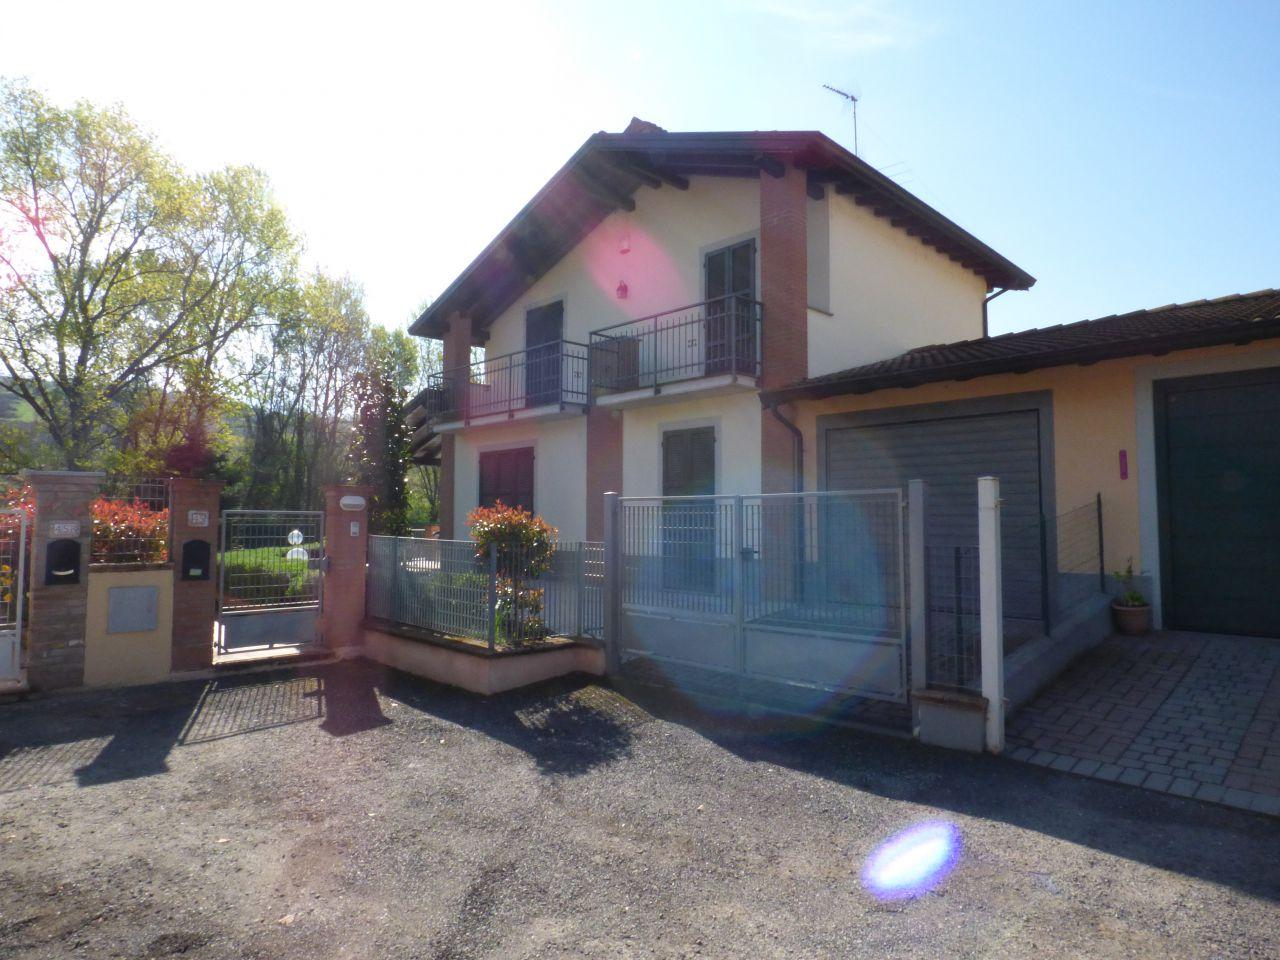 Villa a Schiera in vendita a Pietra de' Giorgi, 4 locali, prezzo € 210.000 | Cambio Casa.it